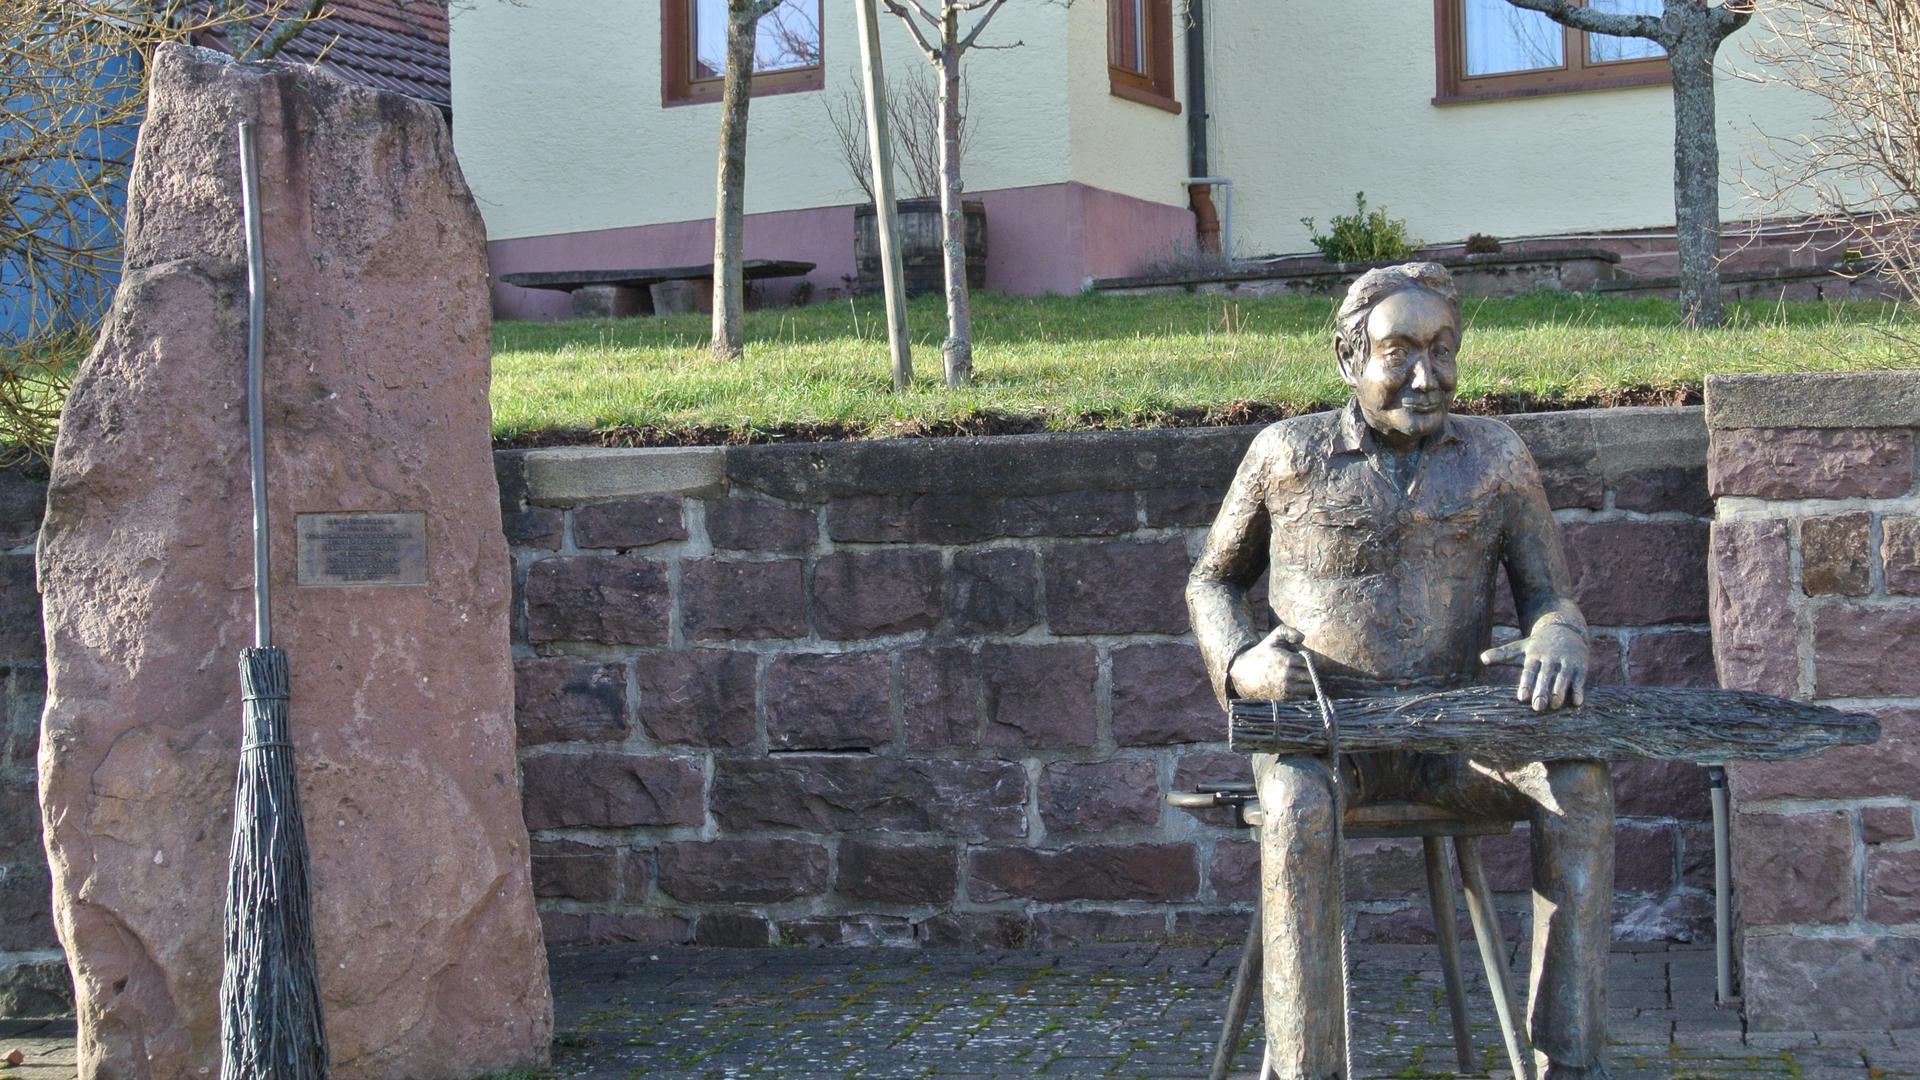 Die Statue des Besenbinders wurde 2004 anlässlich des 750. Jubiläums am Rathaus in Völkersbach aufgestellt.